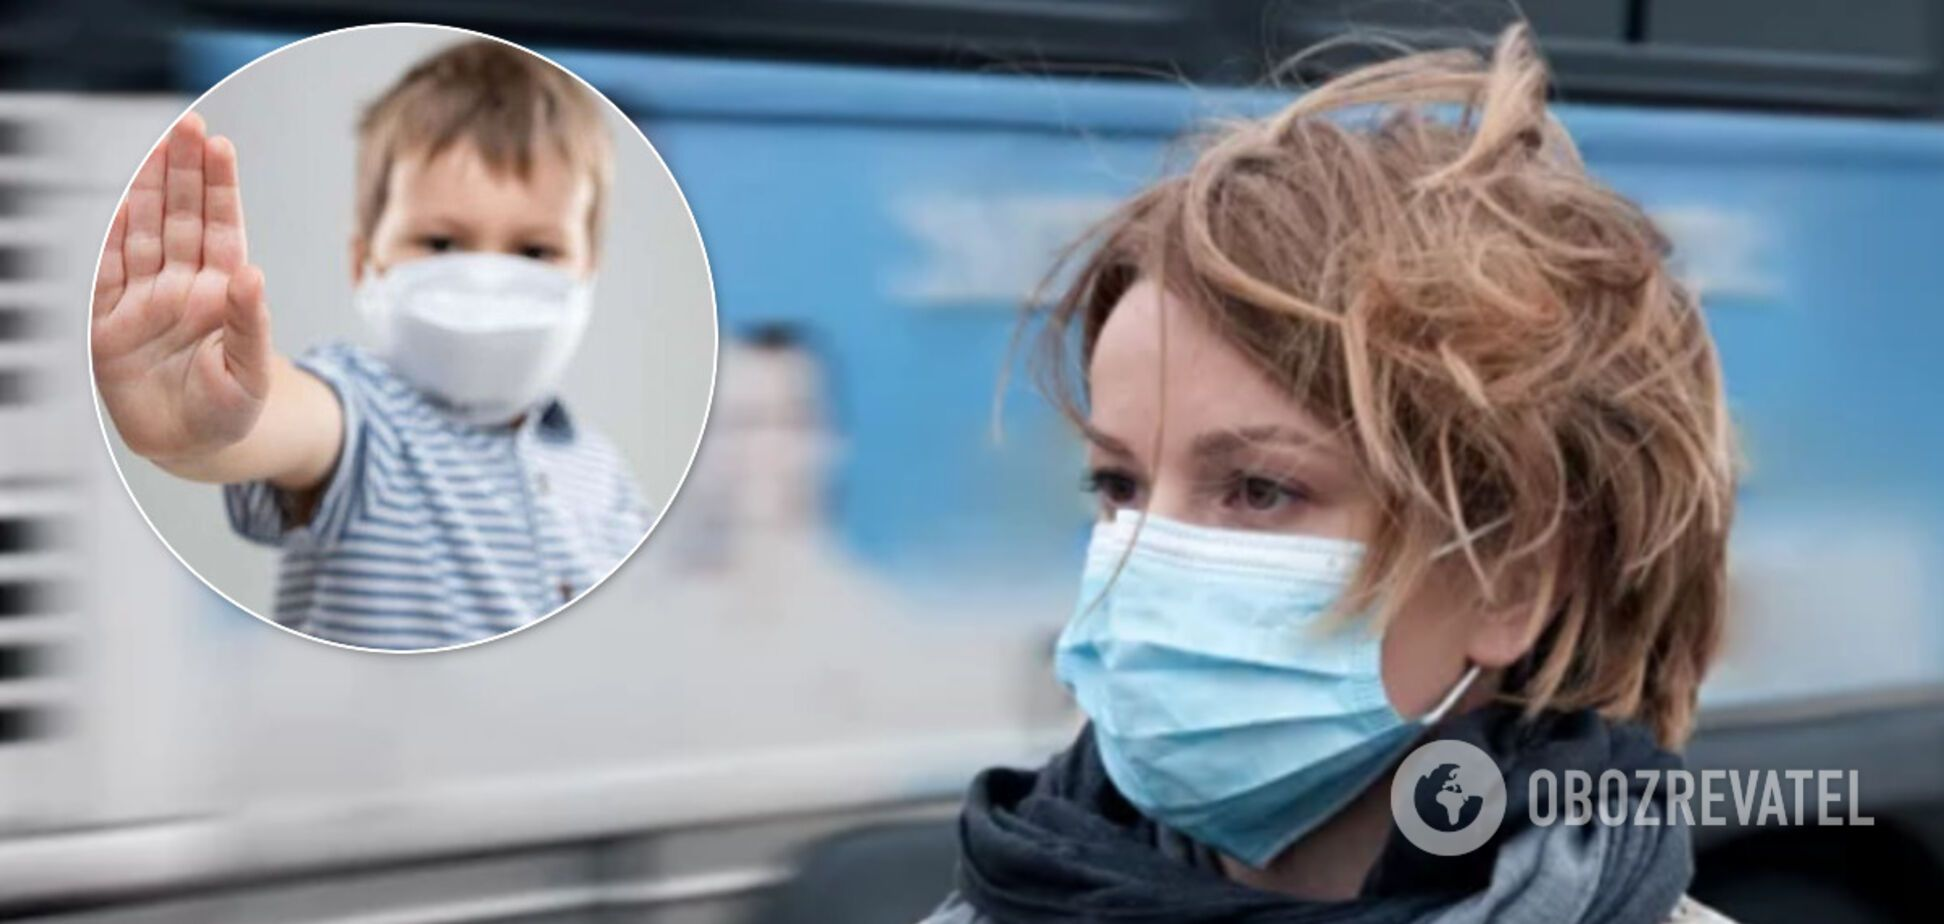 Как уберечься от коронавируса и не заразить других: японский иммунолог дал советы